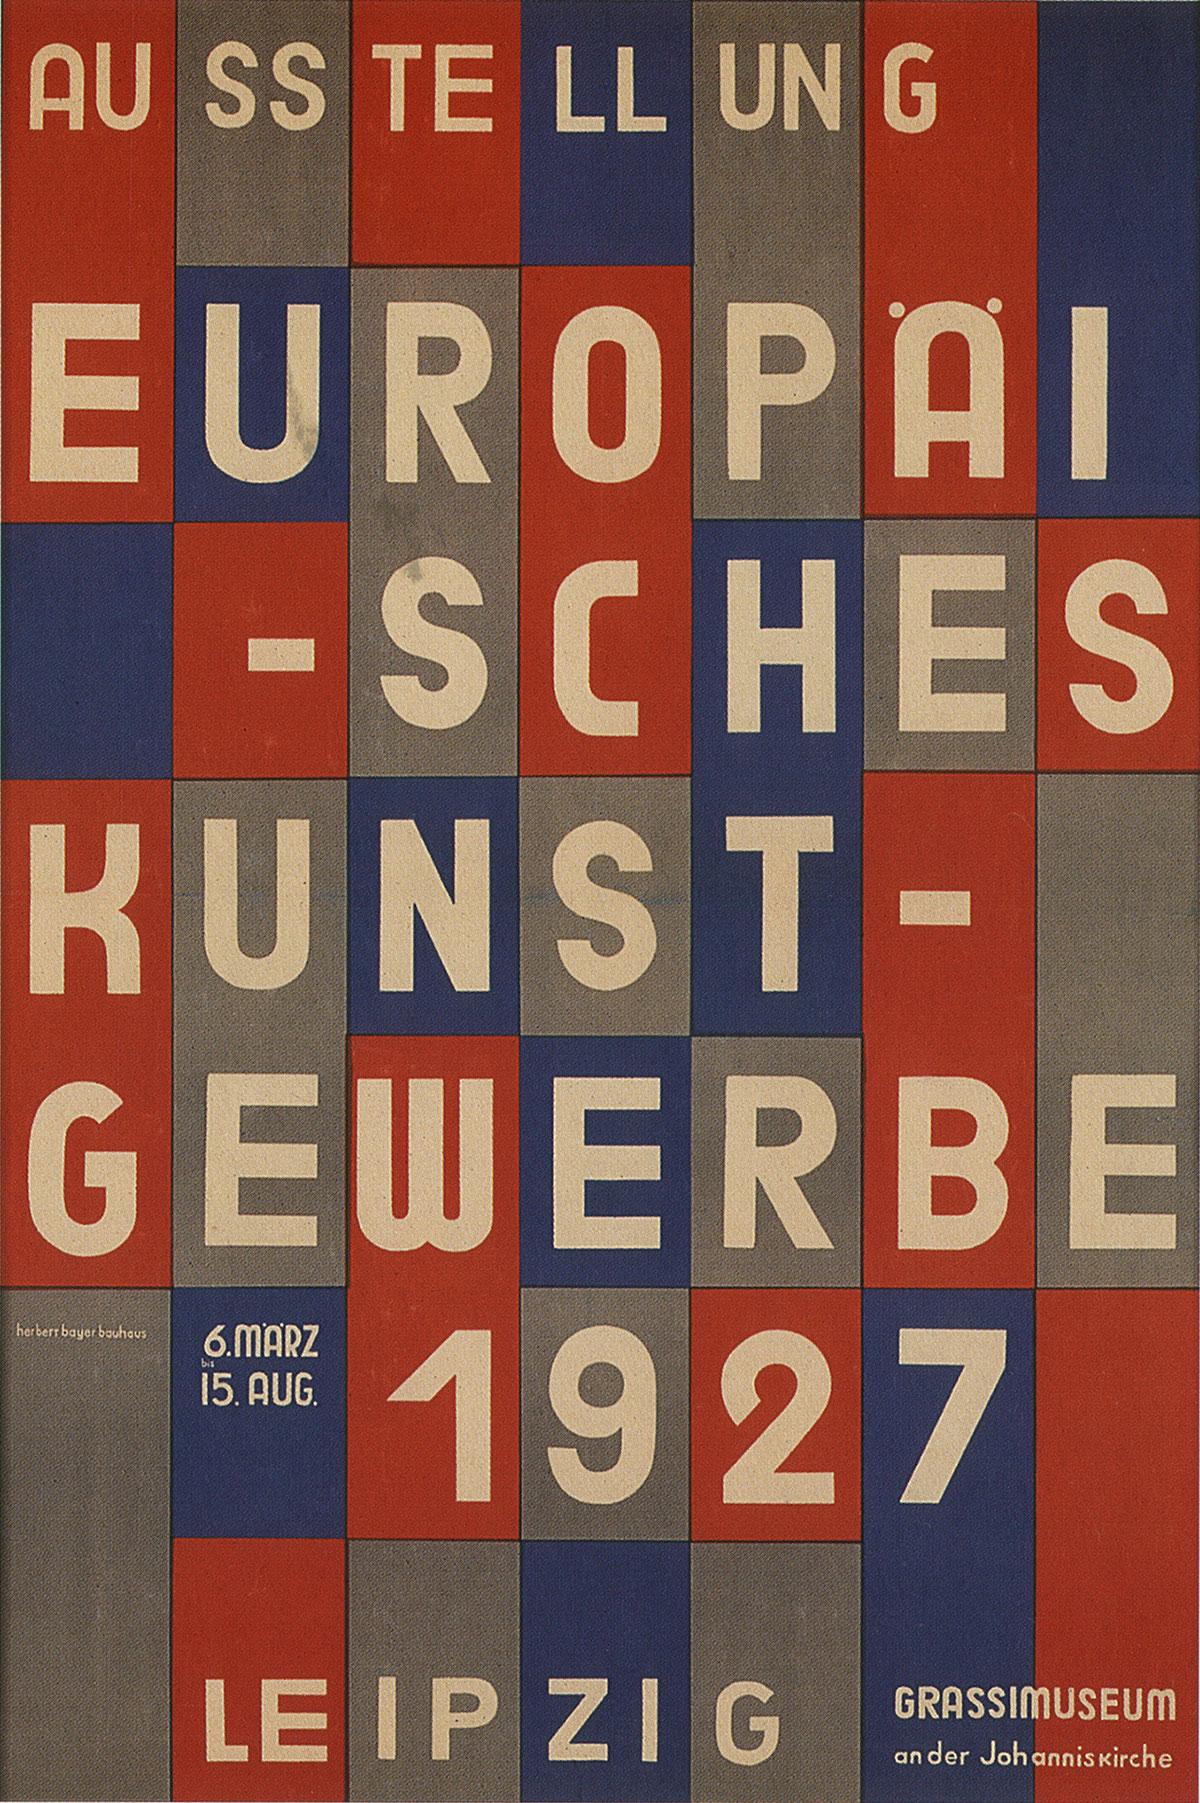 Herbert-Bayer-affiche-Ausstellung-Europaisches-Kunstgewerbe-1927